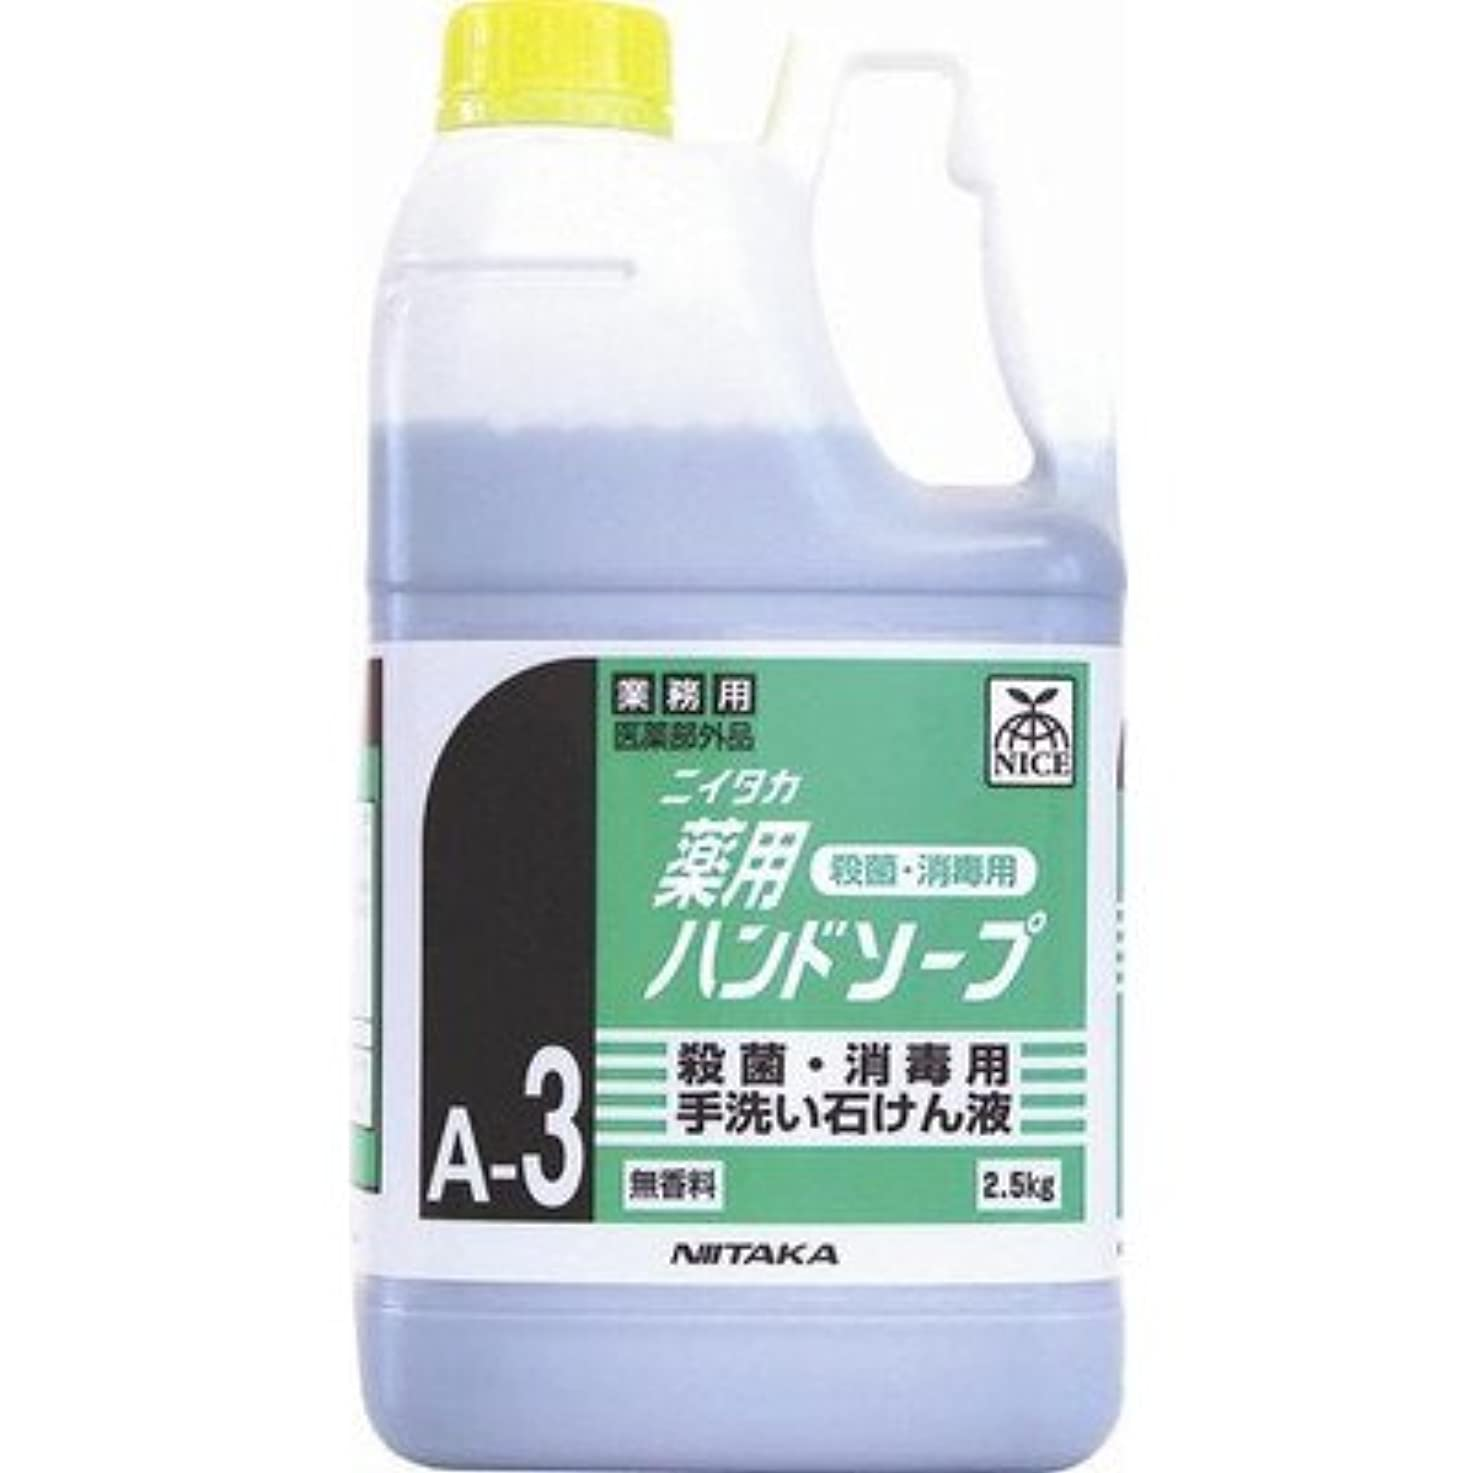 改善カウント改善するニイタカ 業務用手洗い石けん液 薬用ハンドソープ(A-3) 2.5kg×6本